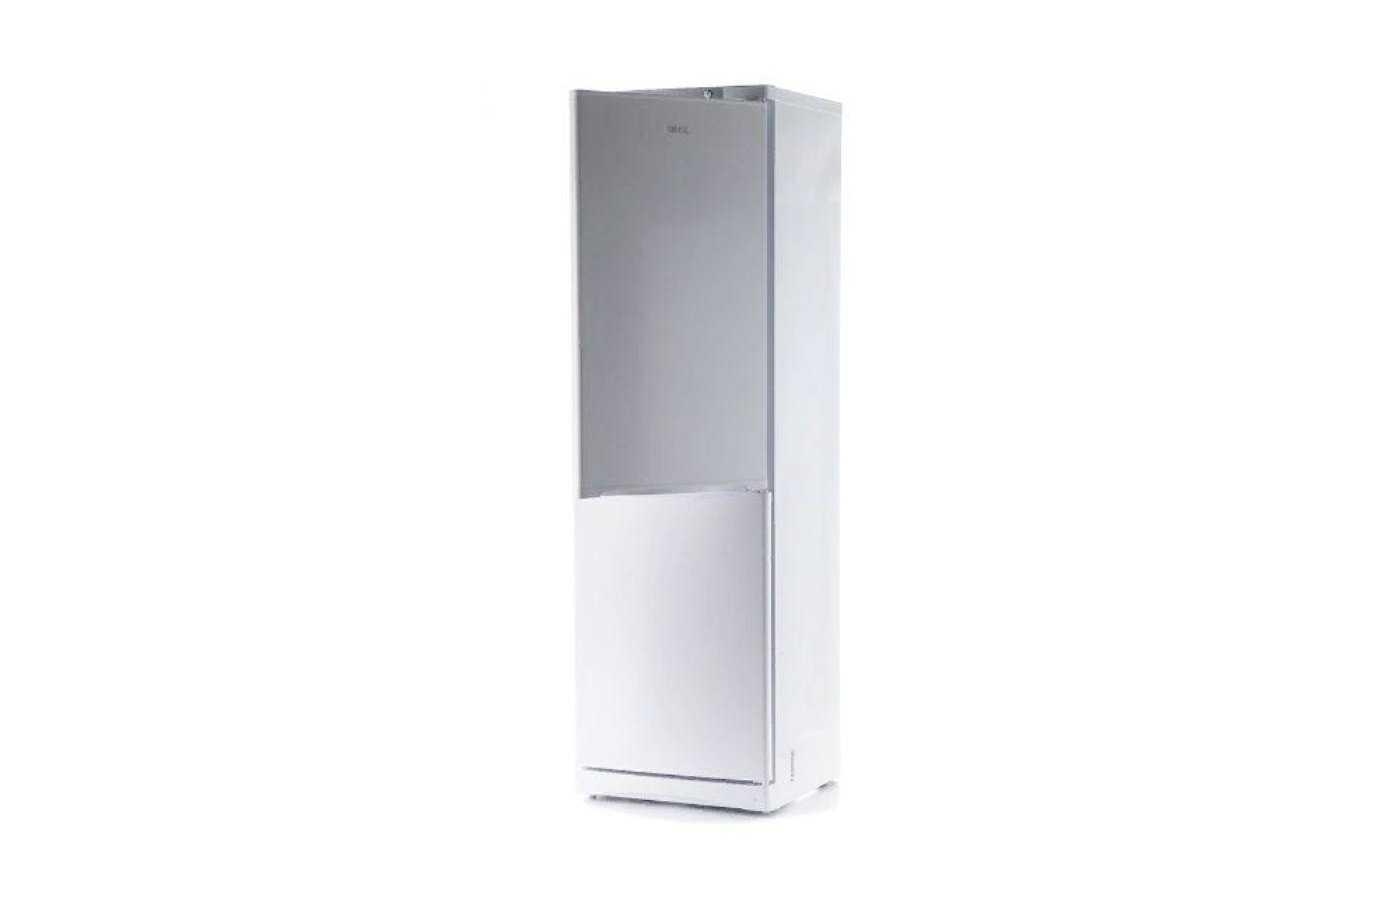 Бытовой холодильник Stinol STS 200